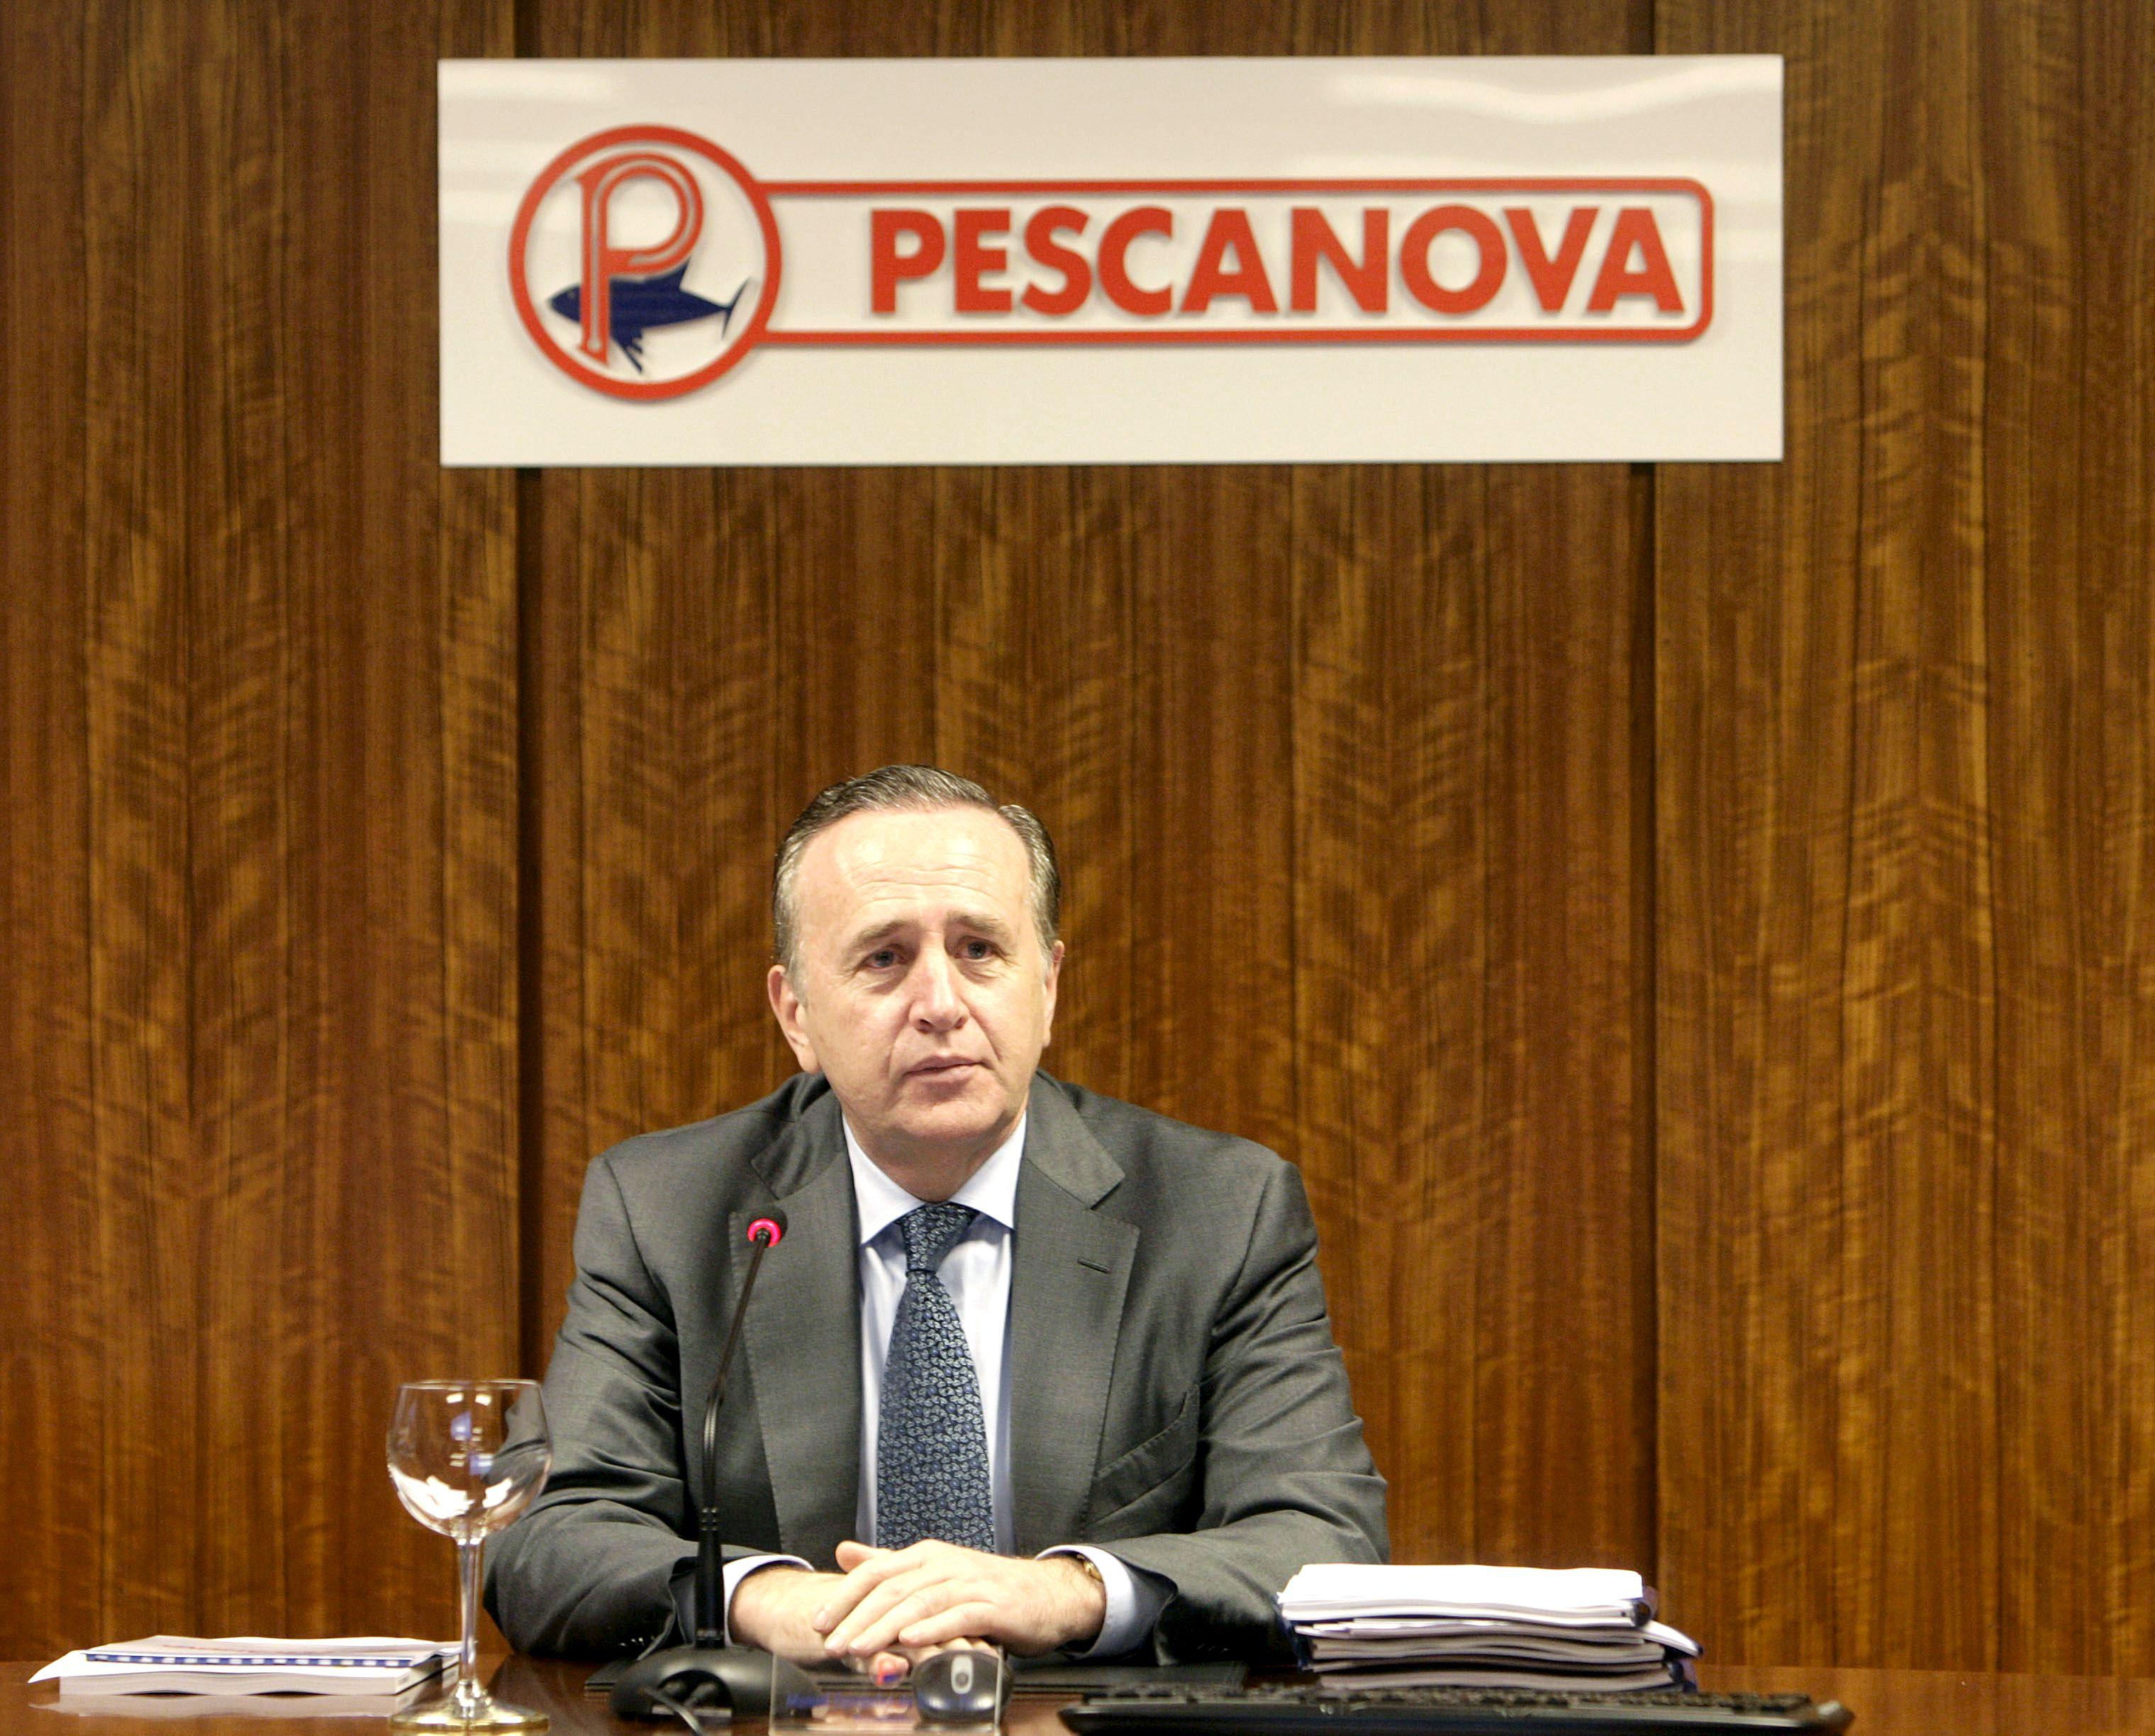 El expresidente de Pescanova declarará como imputado el próximo 17 de octubre